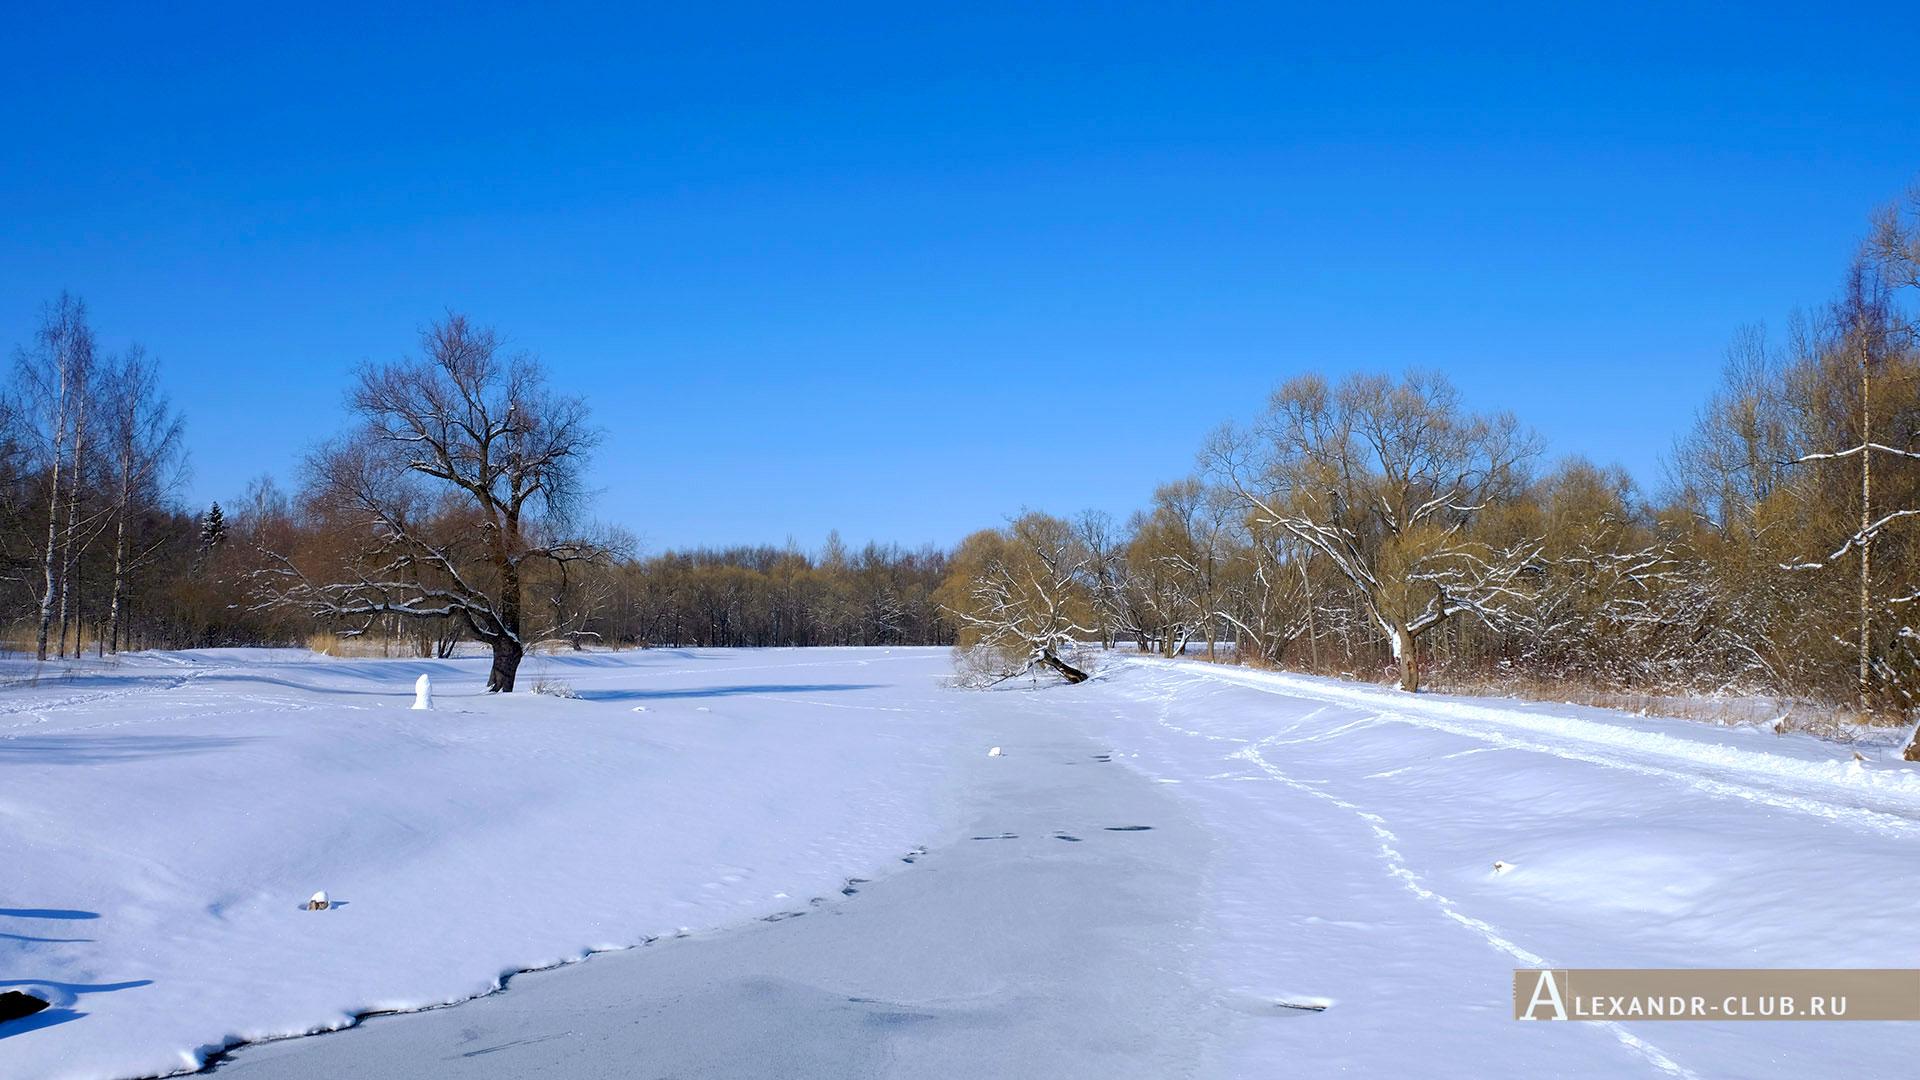 Петергоф, Луговой парк, зима, Никольский пруд – 1